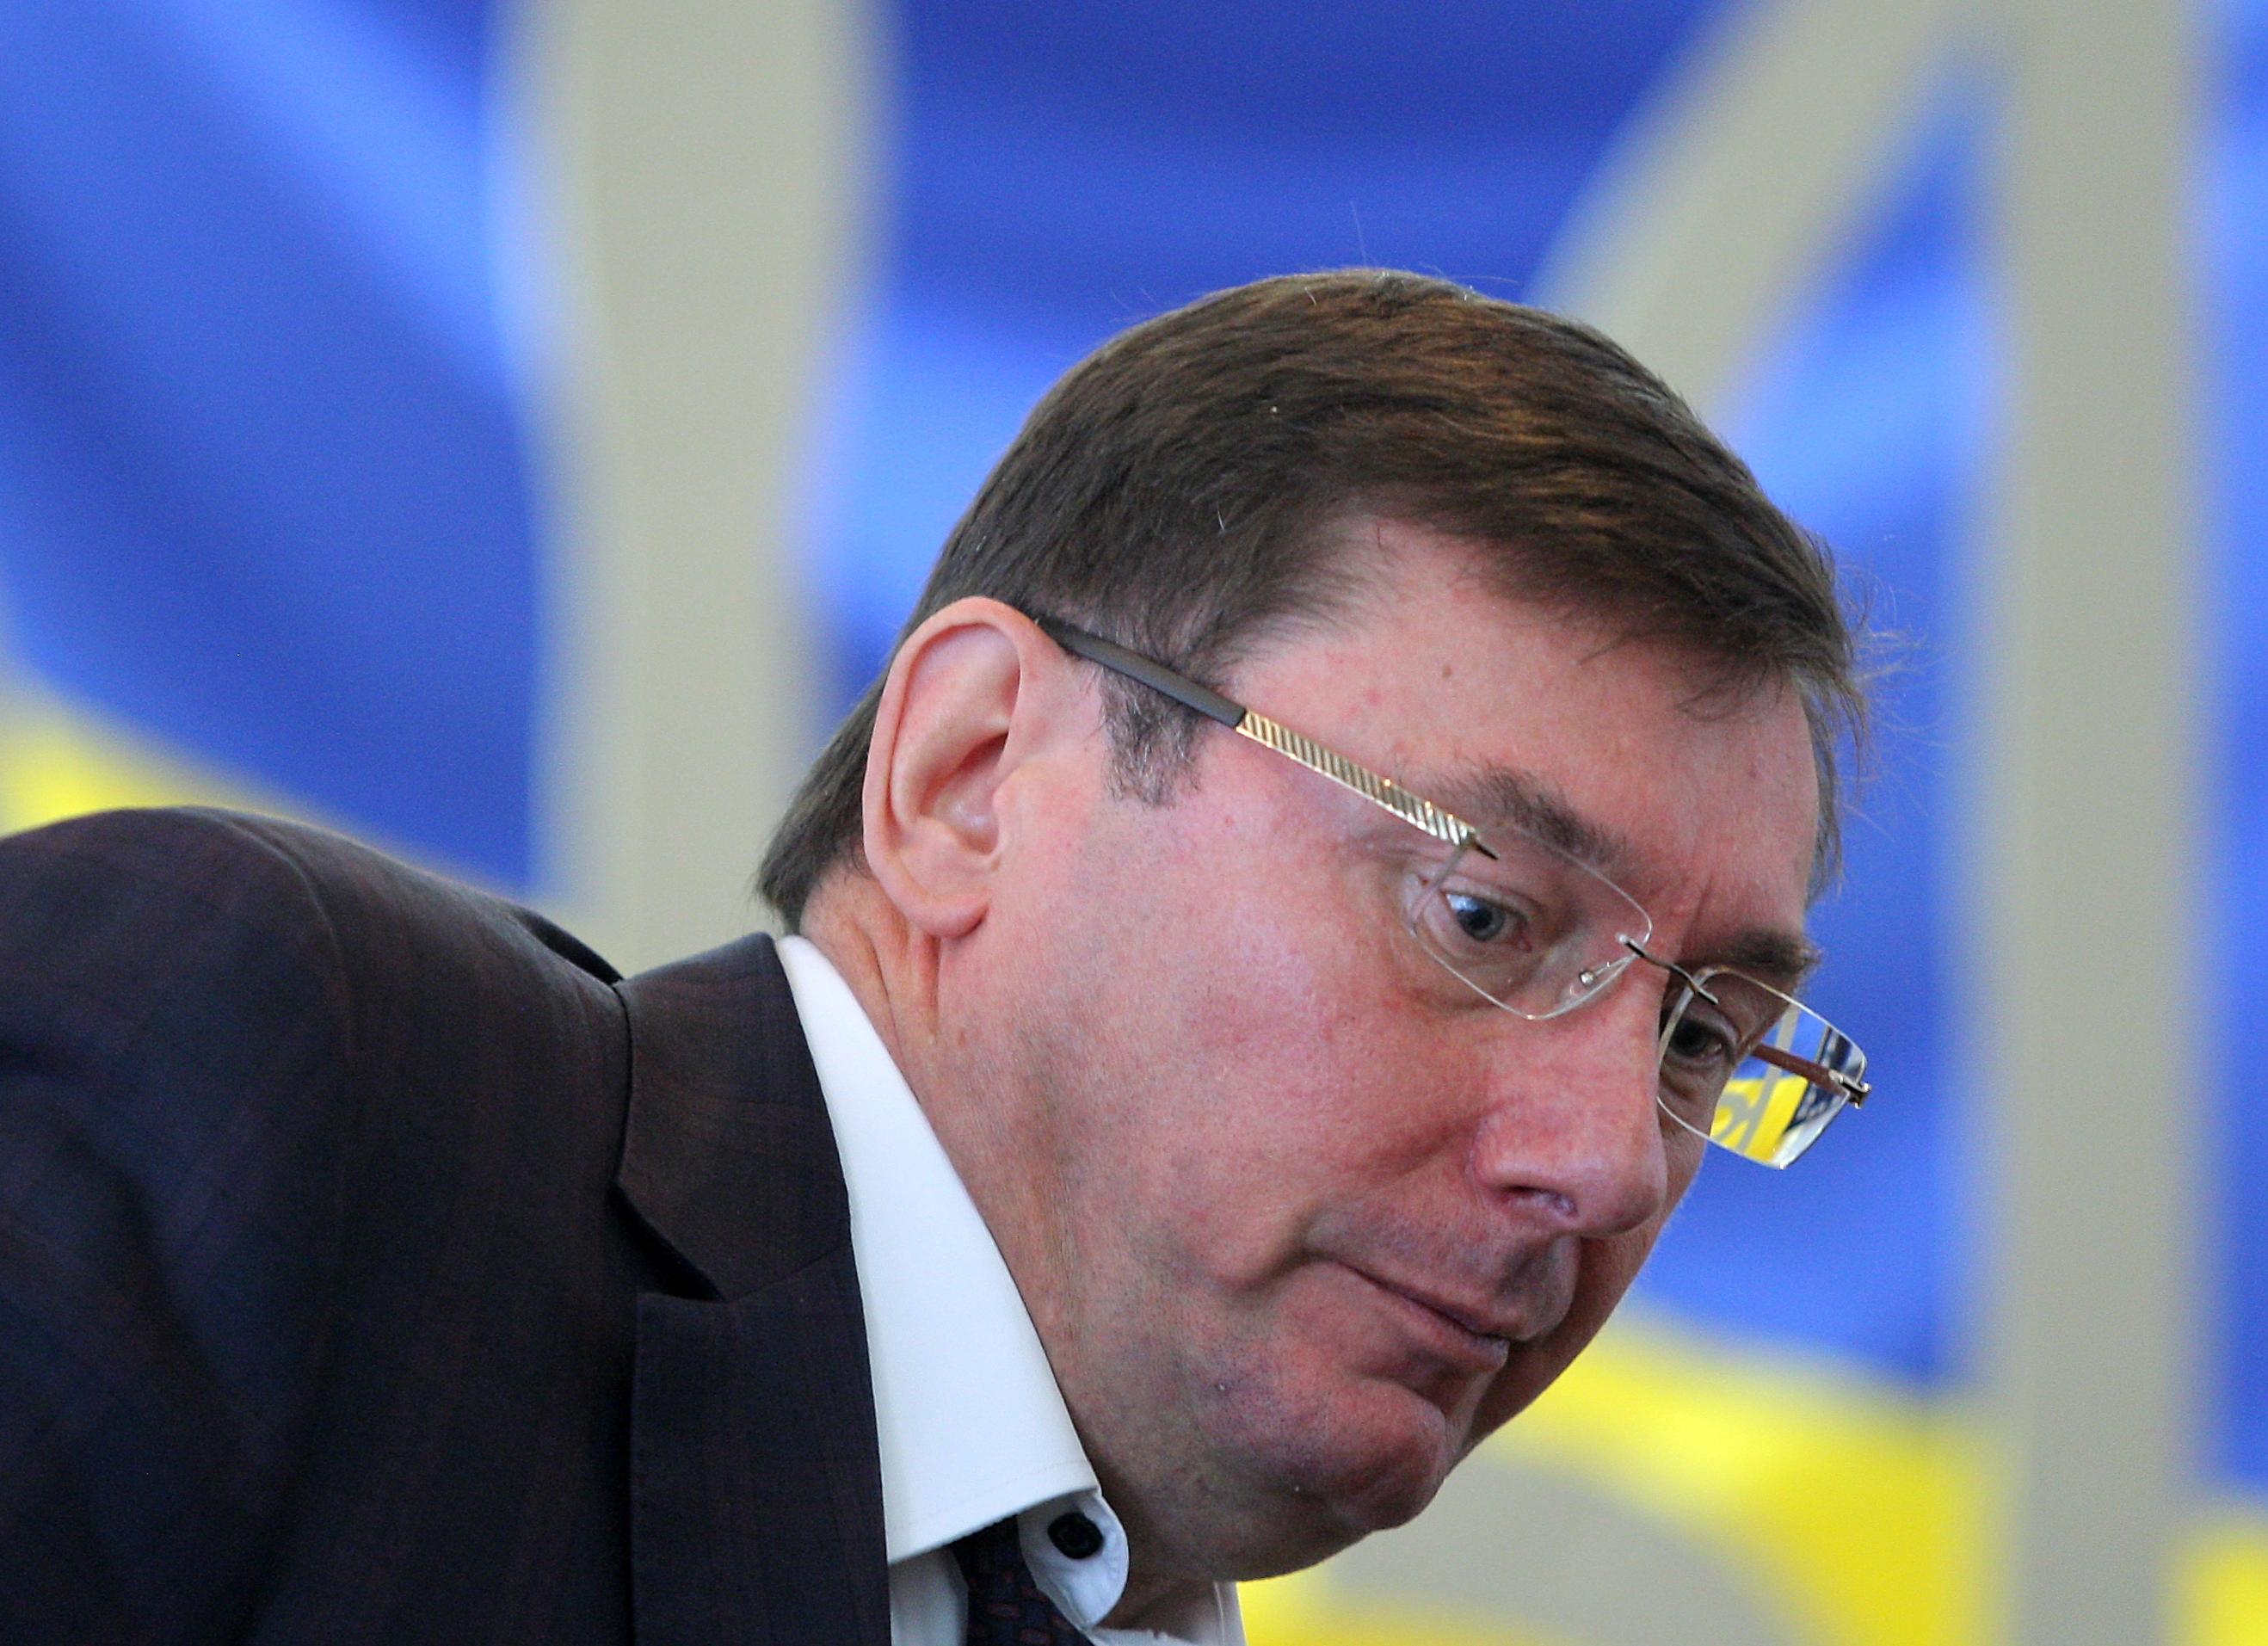 Az ukrán képviselők vagyonbevallásai miatt a főügyész közölte, hogy ellenőrzi azokat, akik 100 ezer dollárnál több készpénzt vallottak be